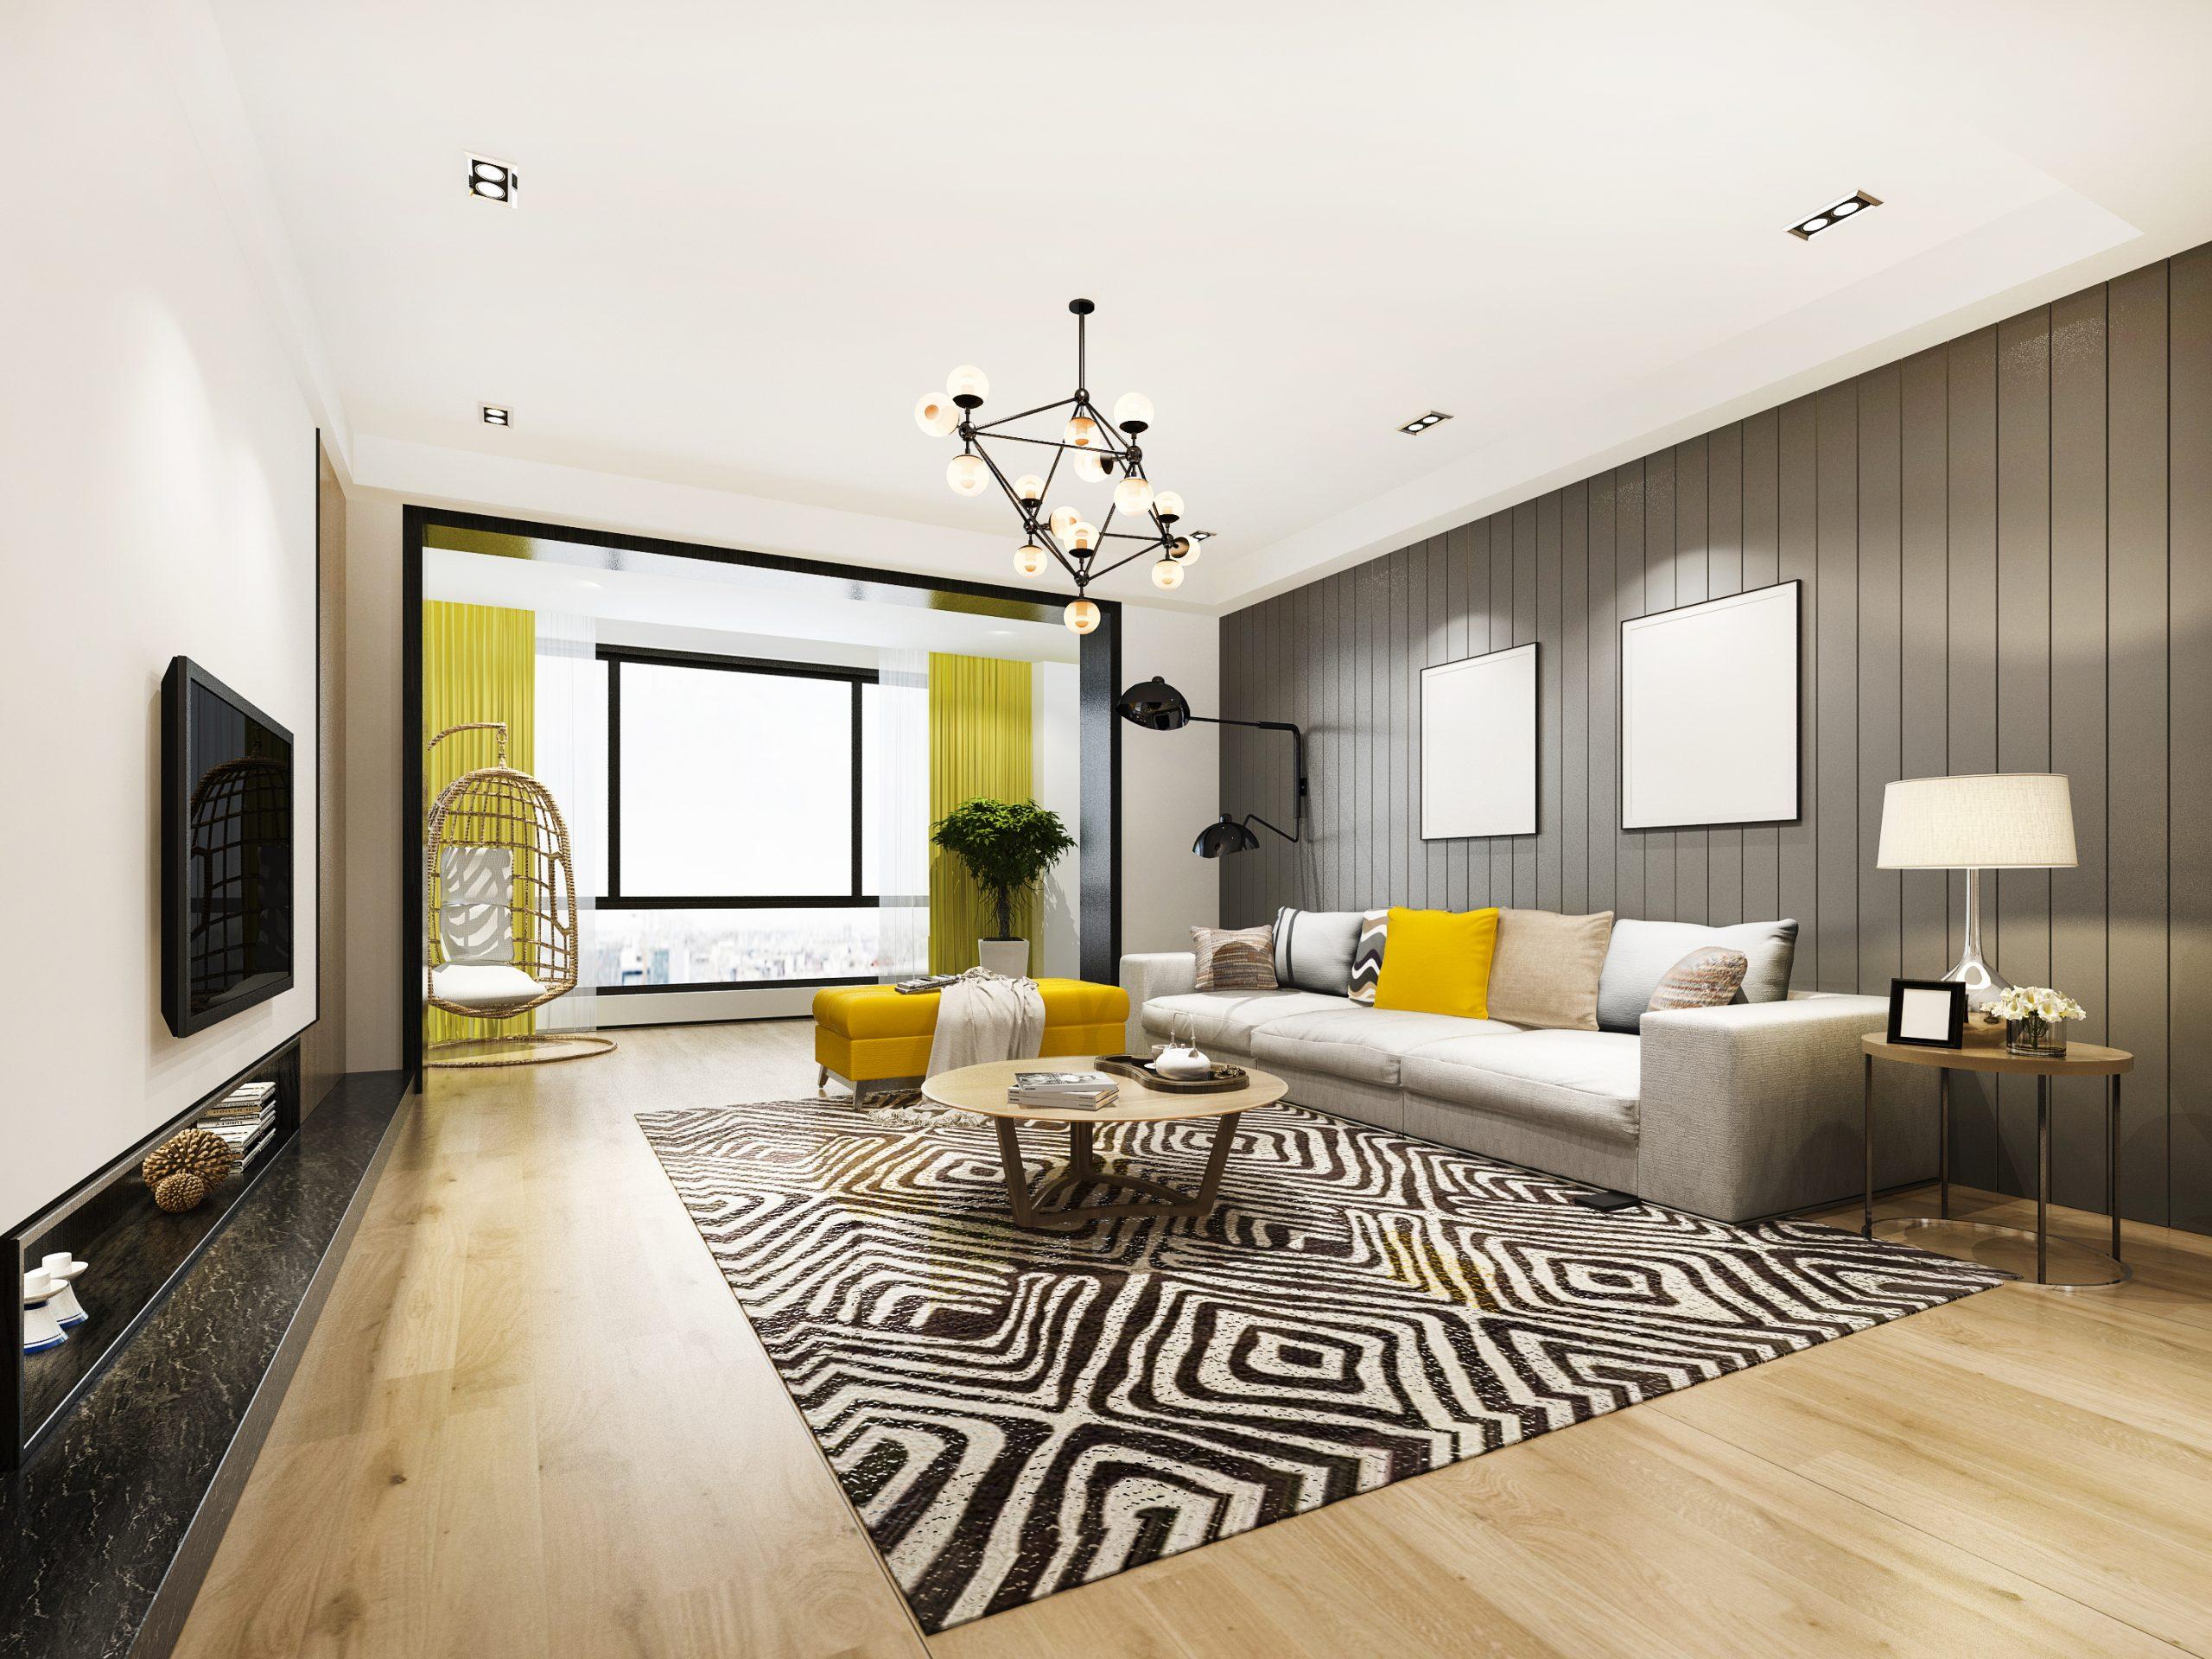 Faux-plafond avec éclairage intégré